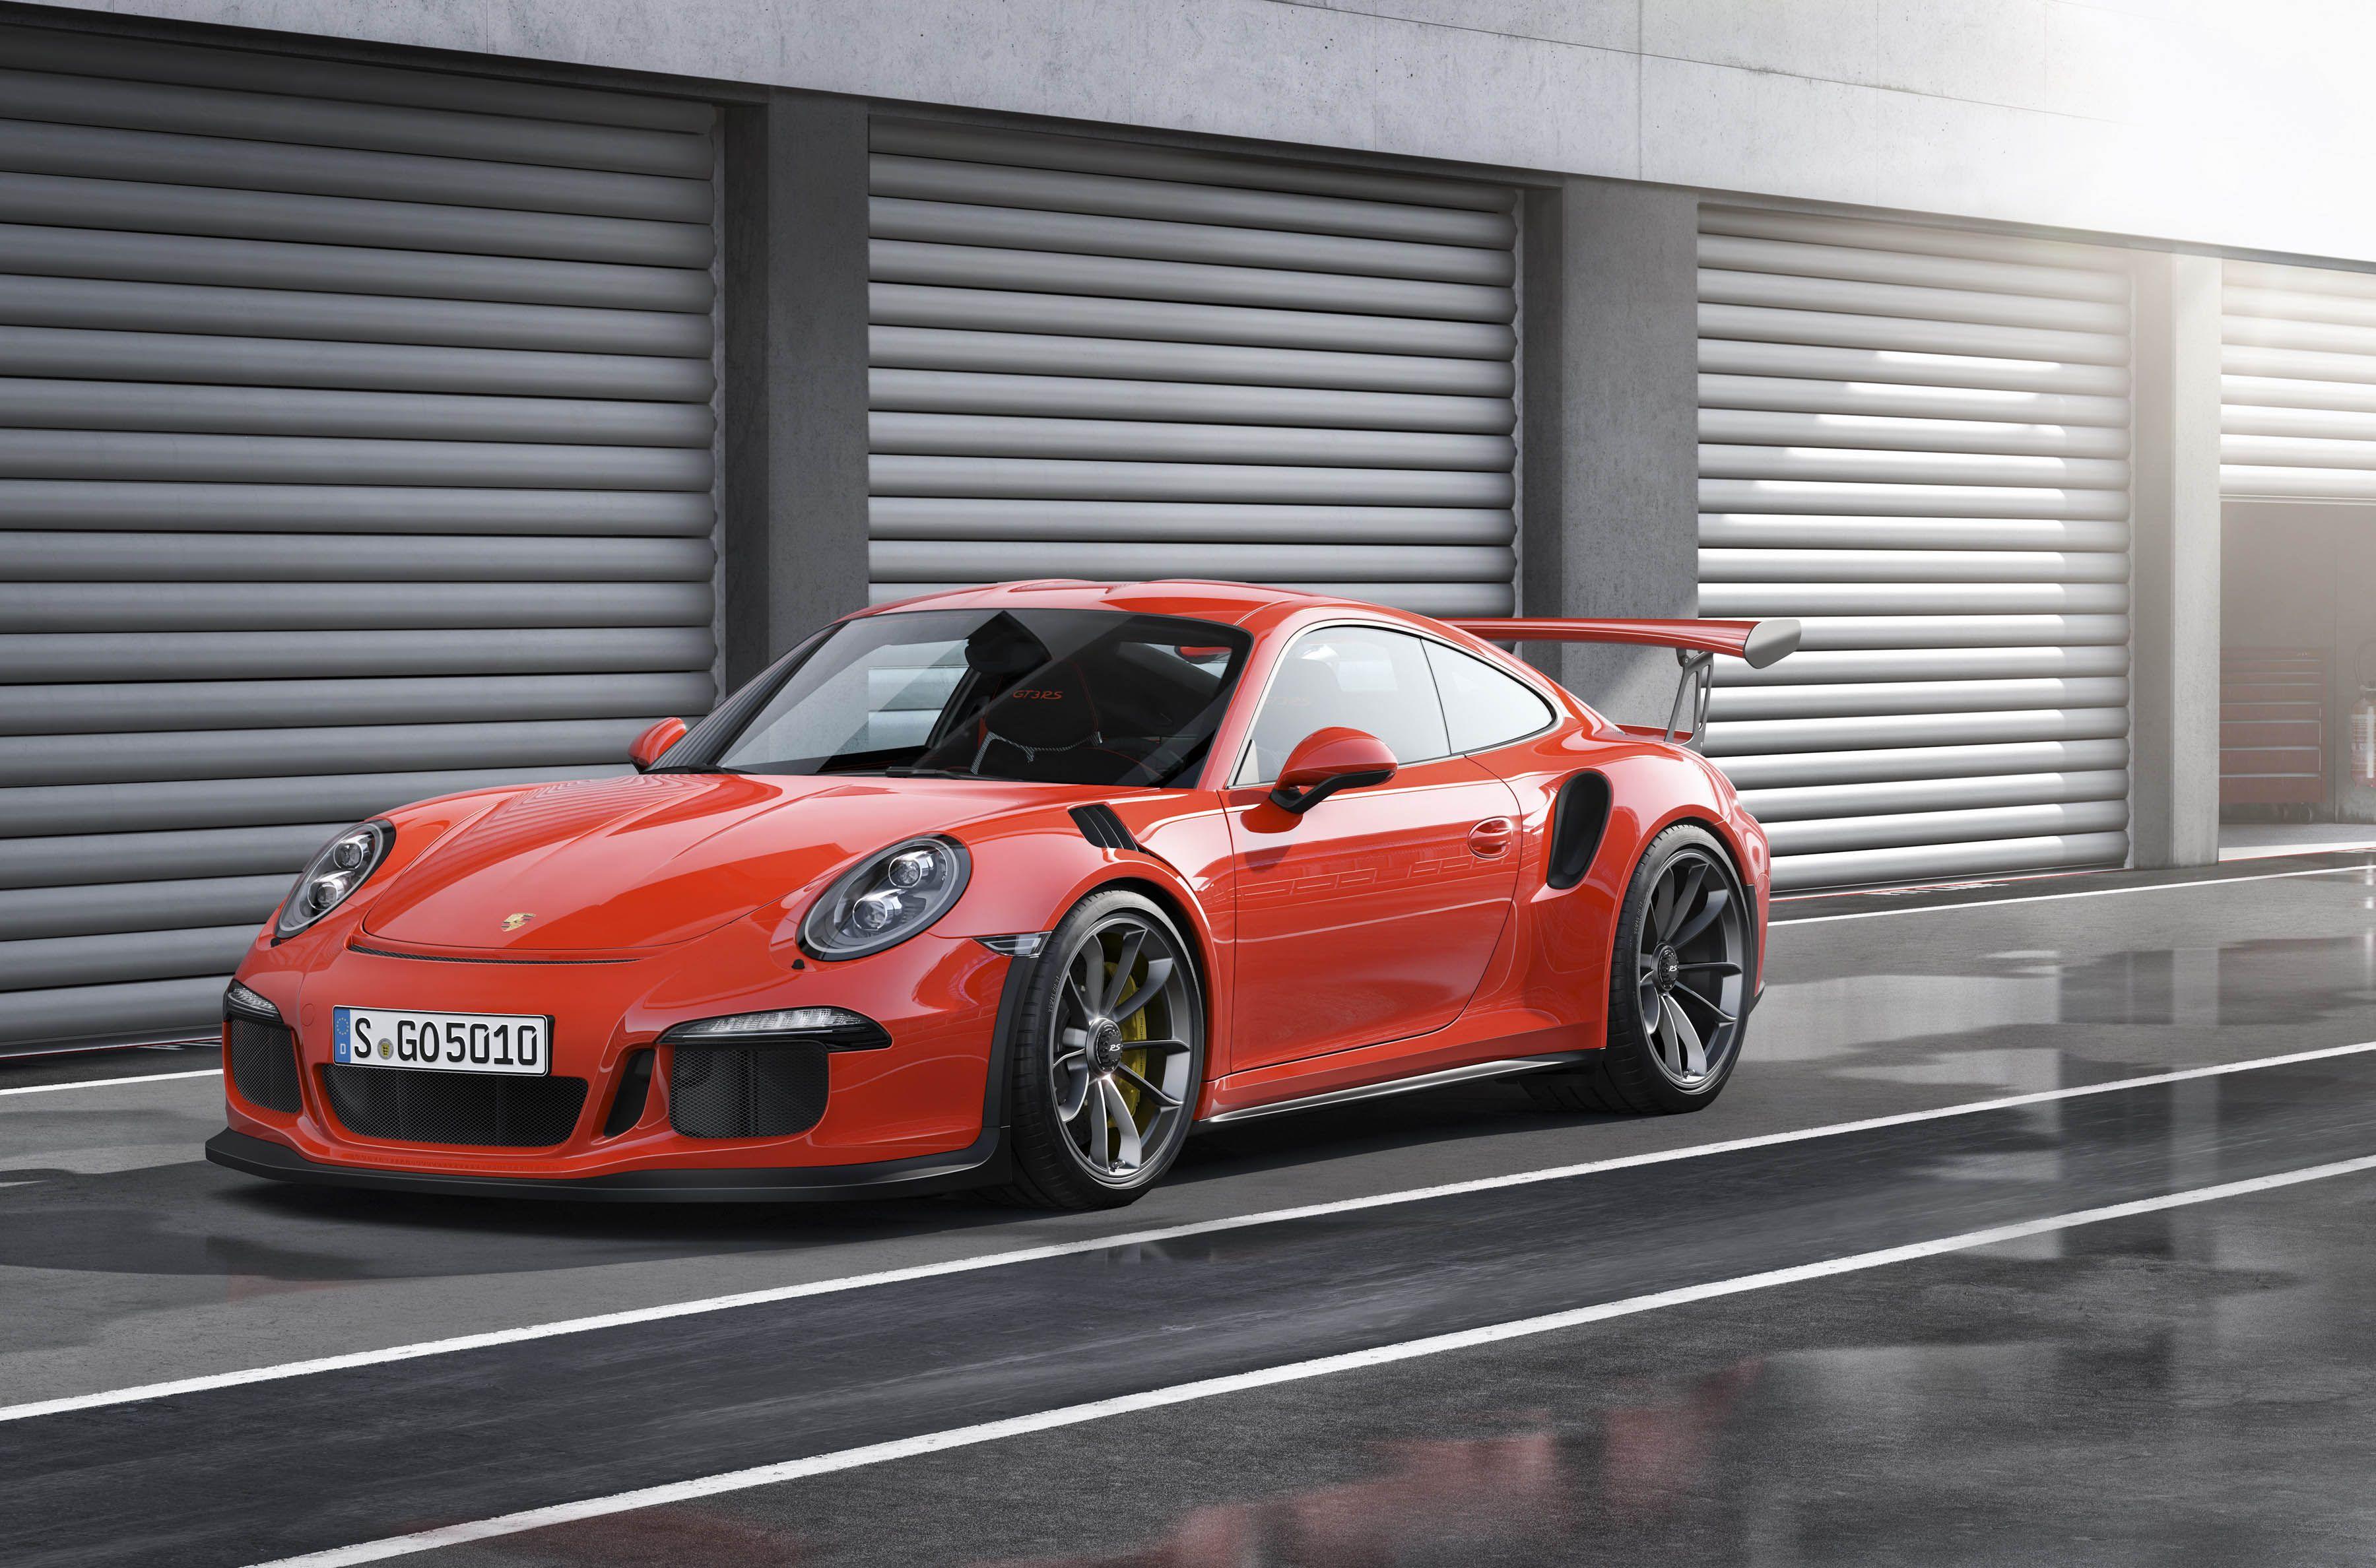 2016 911 GT3 RS in Lava Orange